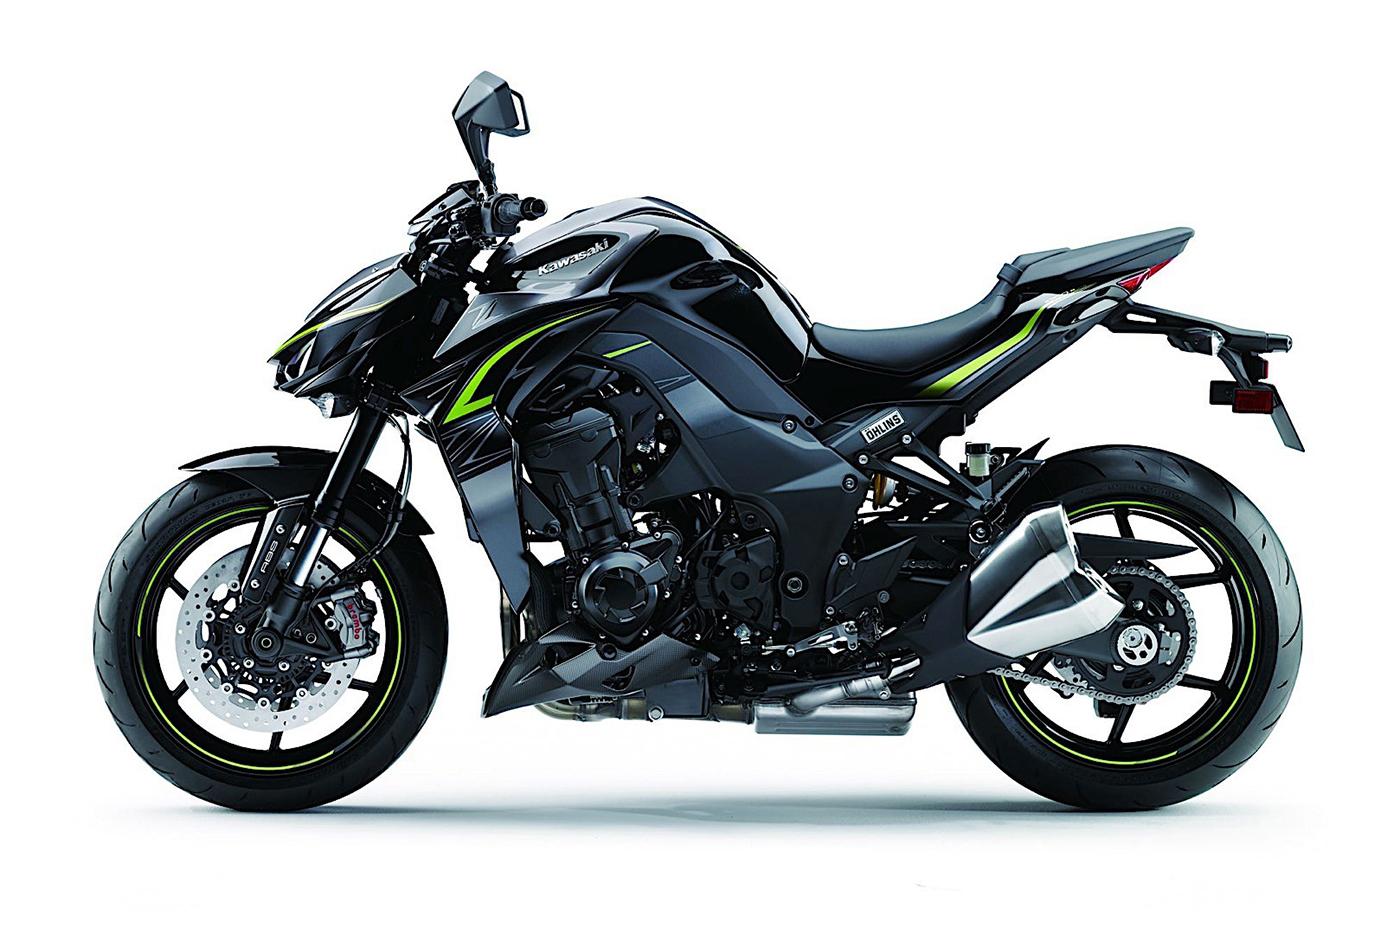 Kawasaki ra mắt tại Việt Nam với 2 bản: Z1000 2017 và Z1000 R Edition 2017-2.jpg